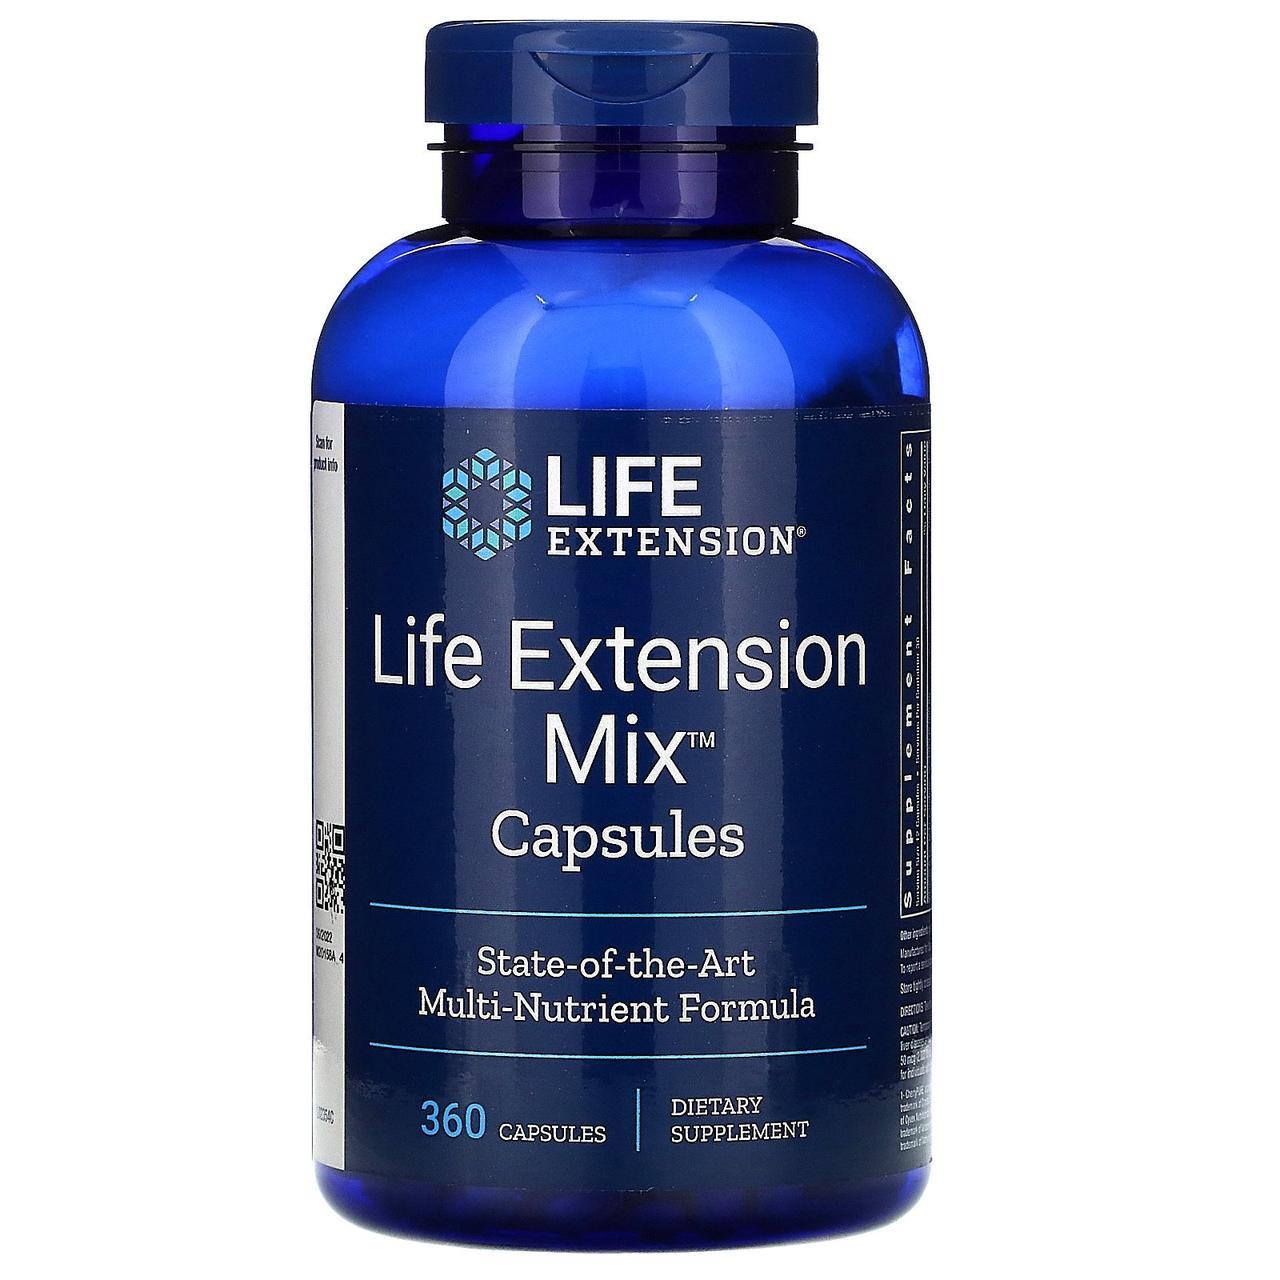 Комплекс витаминов, минералов и растительных экстарктов Life Extension, микс для продления жизни, 360 капсул